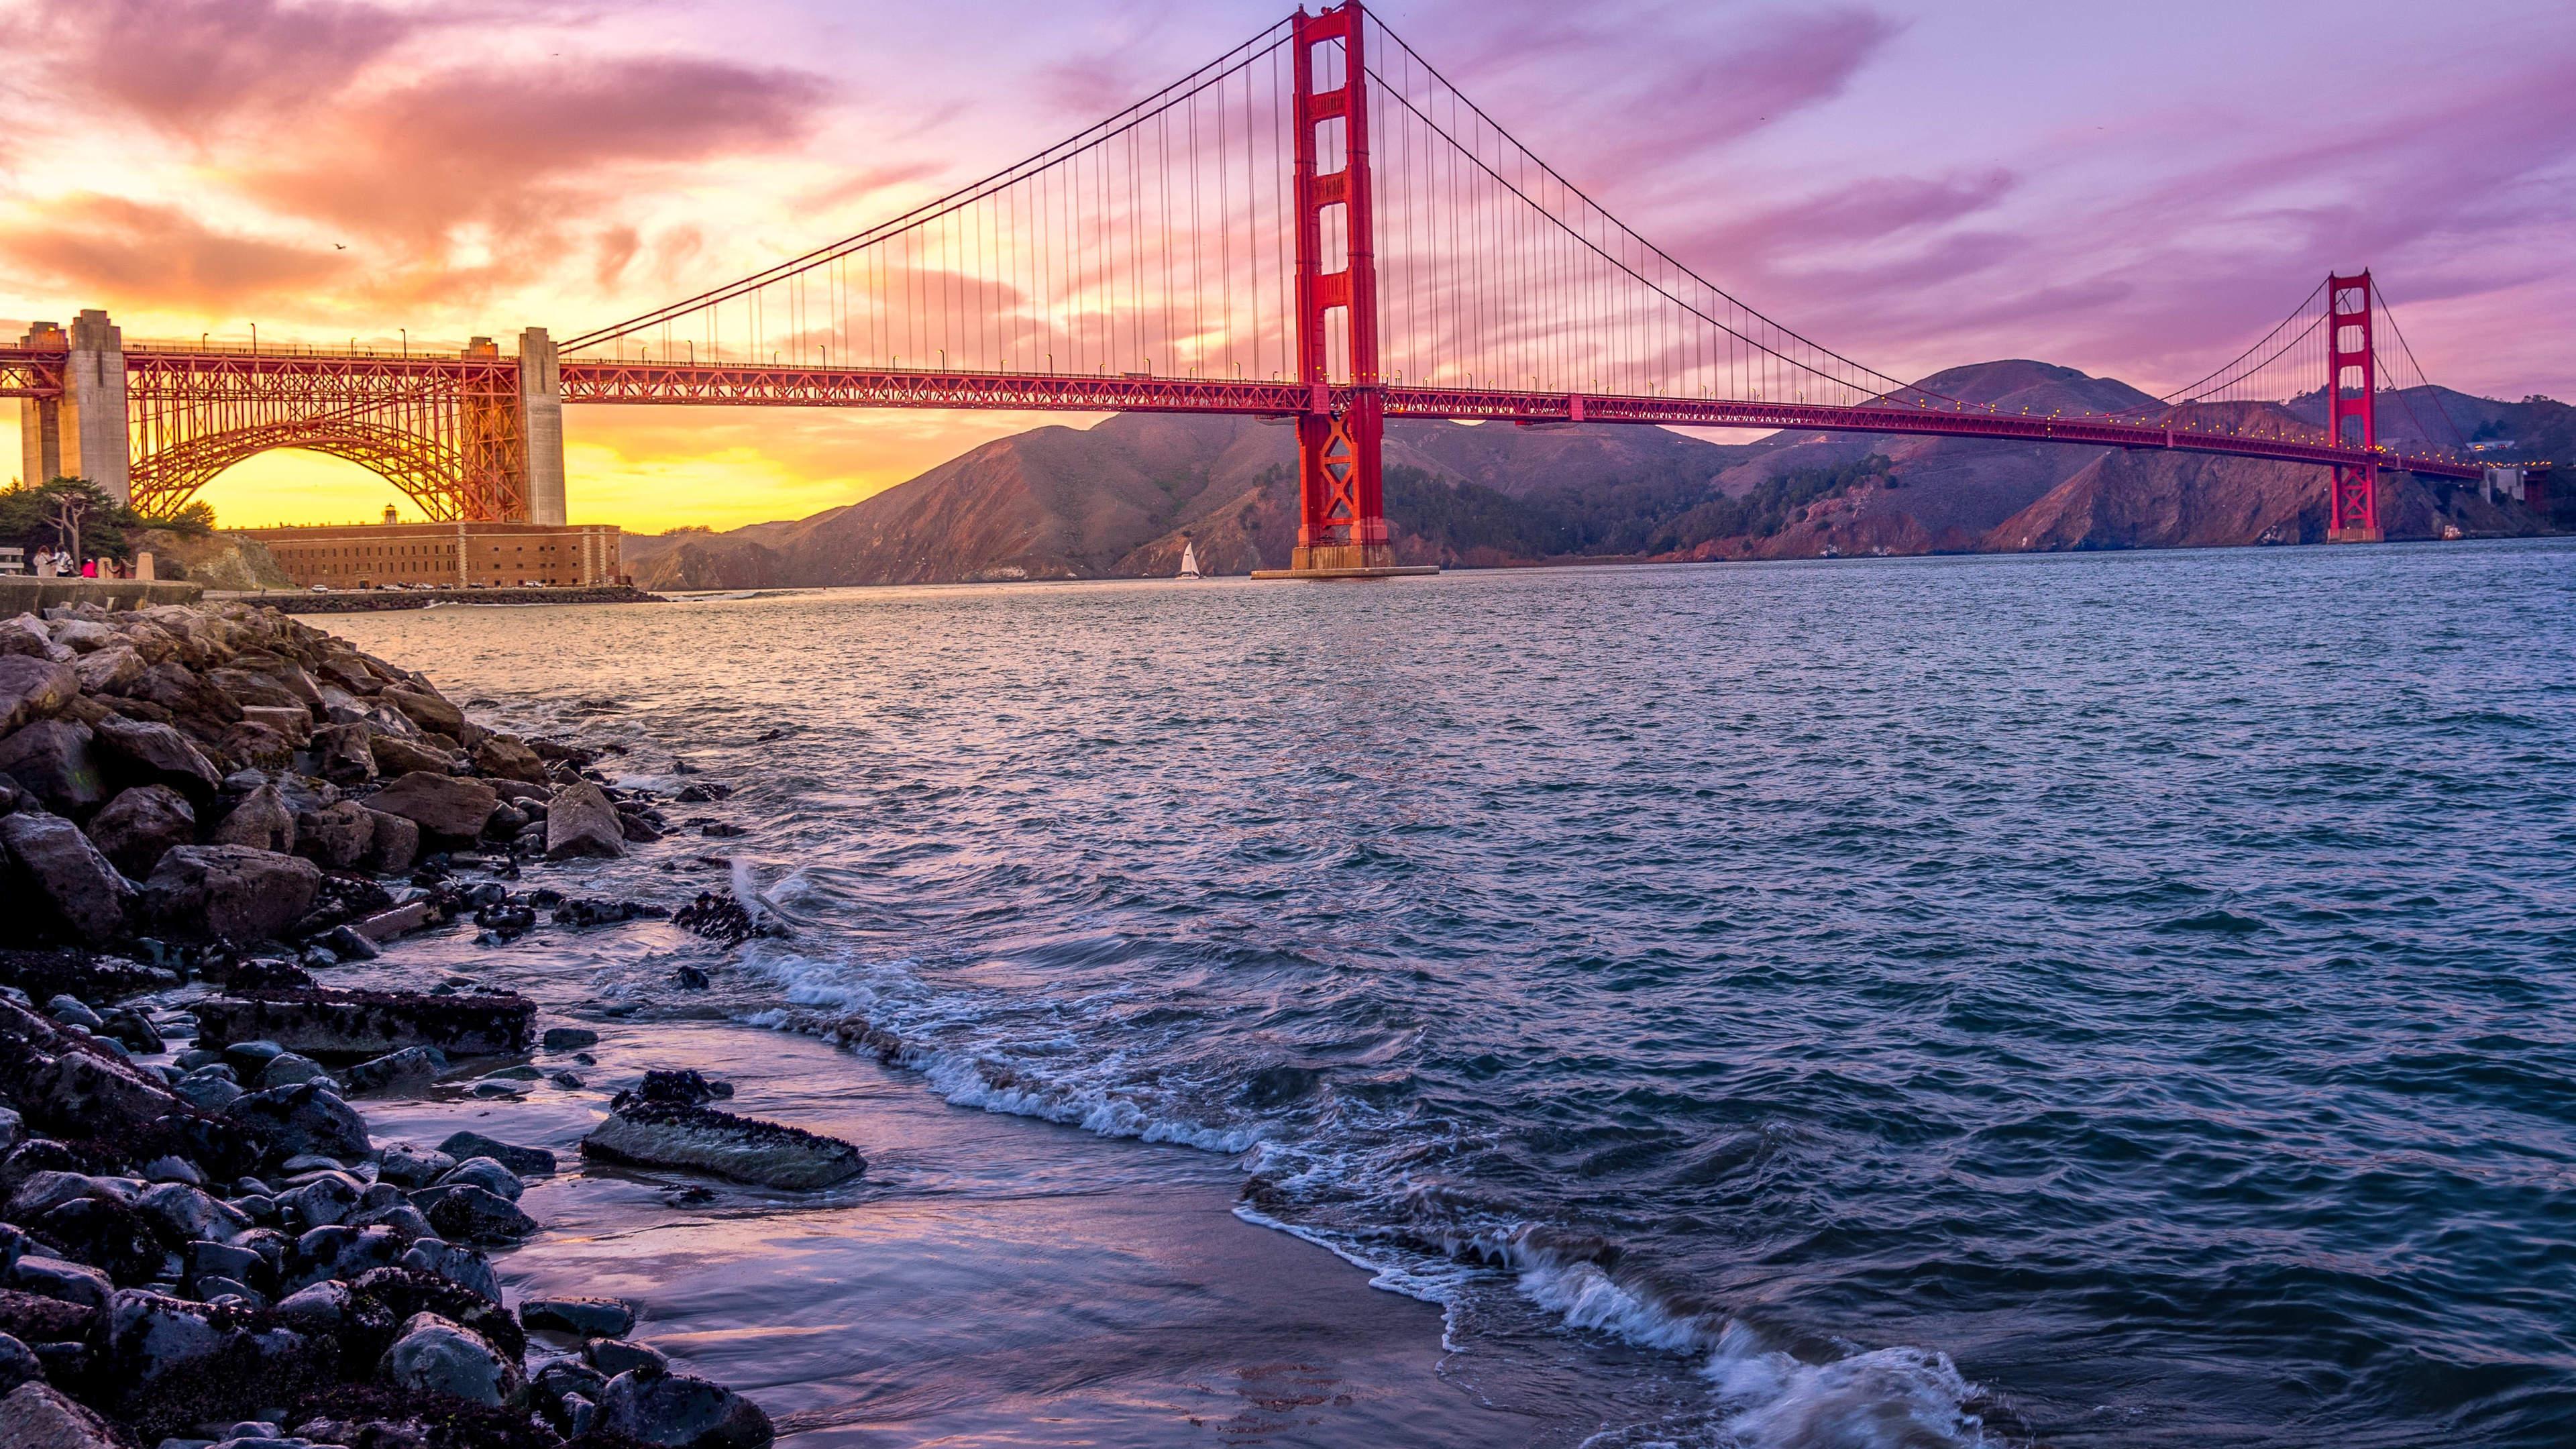 Wallpaper 4k Golden Gate Bridge Us 2019 4k 4k Wallpapers 5k Wallpapers Bridge Wallpapers Golden Gate Bridge Wallpapers Hd Wallpapers San Francisco Wallpapers World Wallpapers